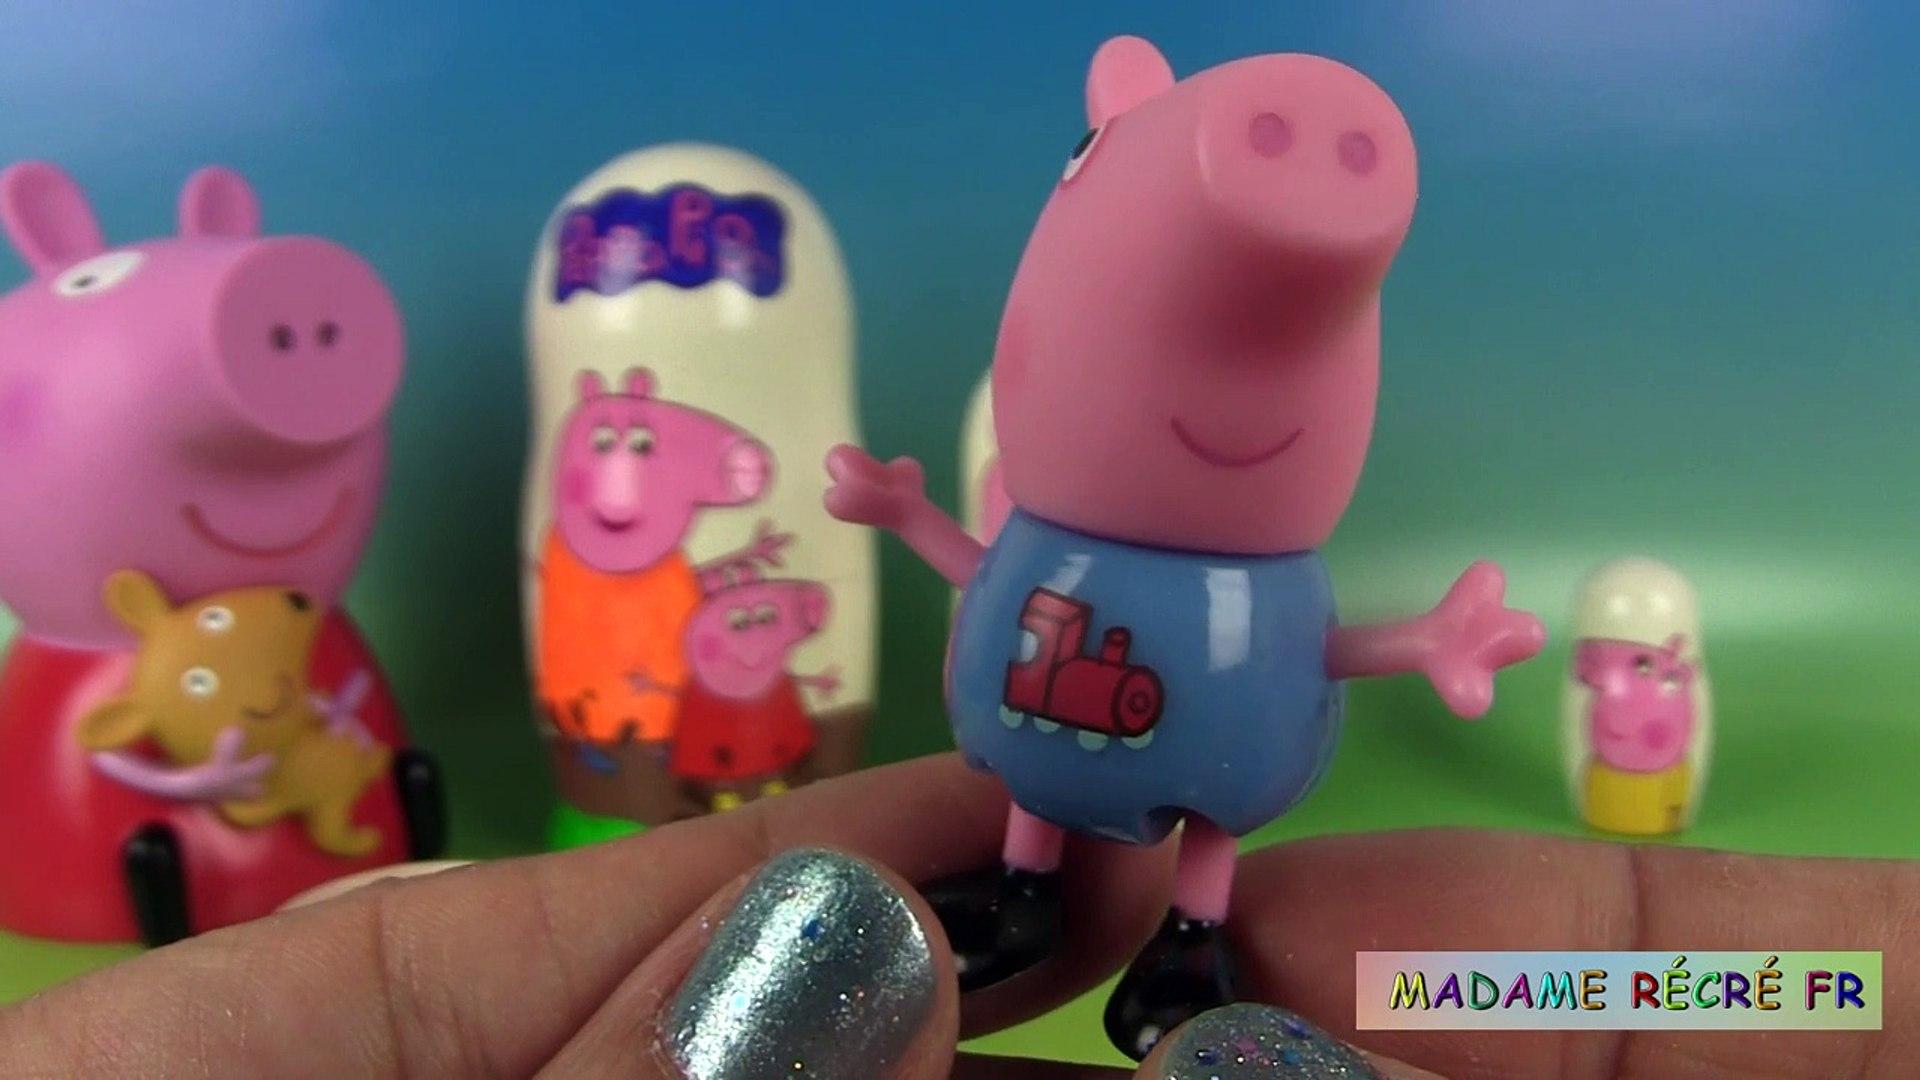 madame récré poupée russe peppa pig